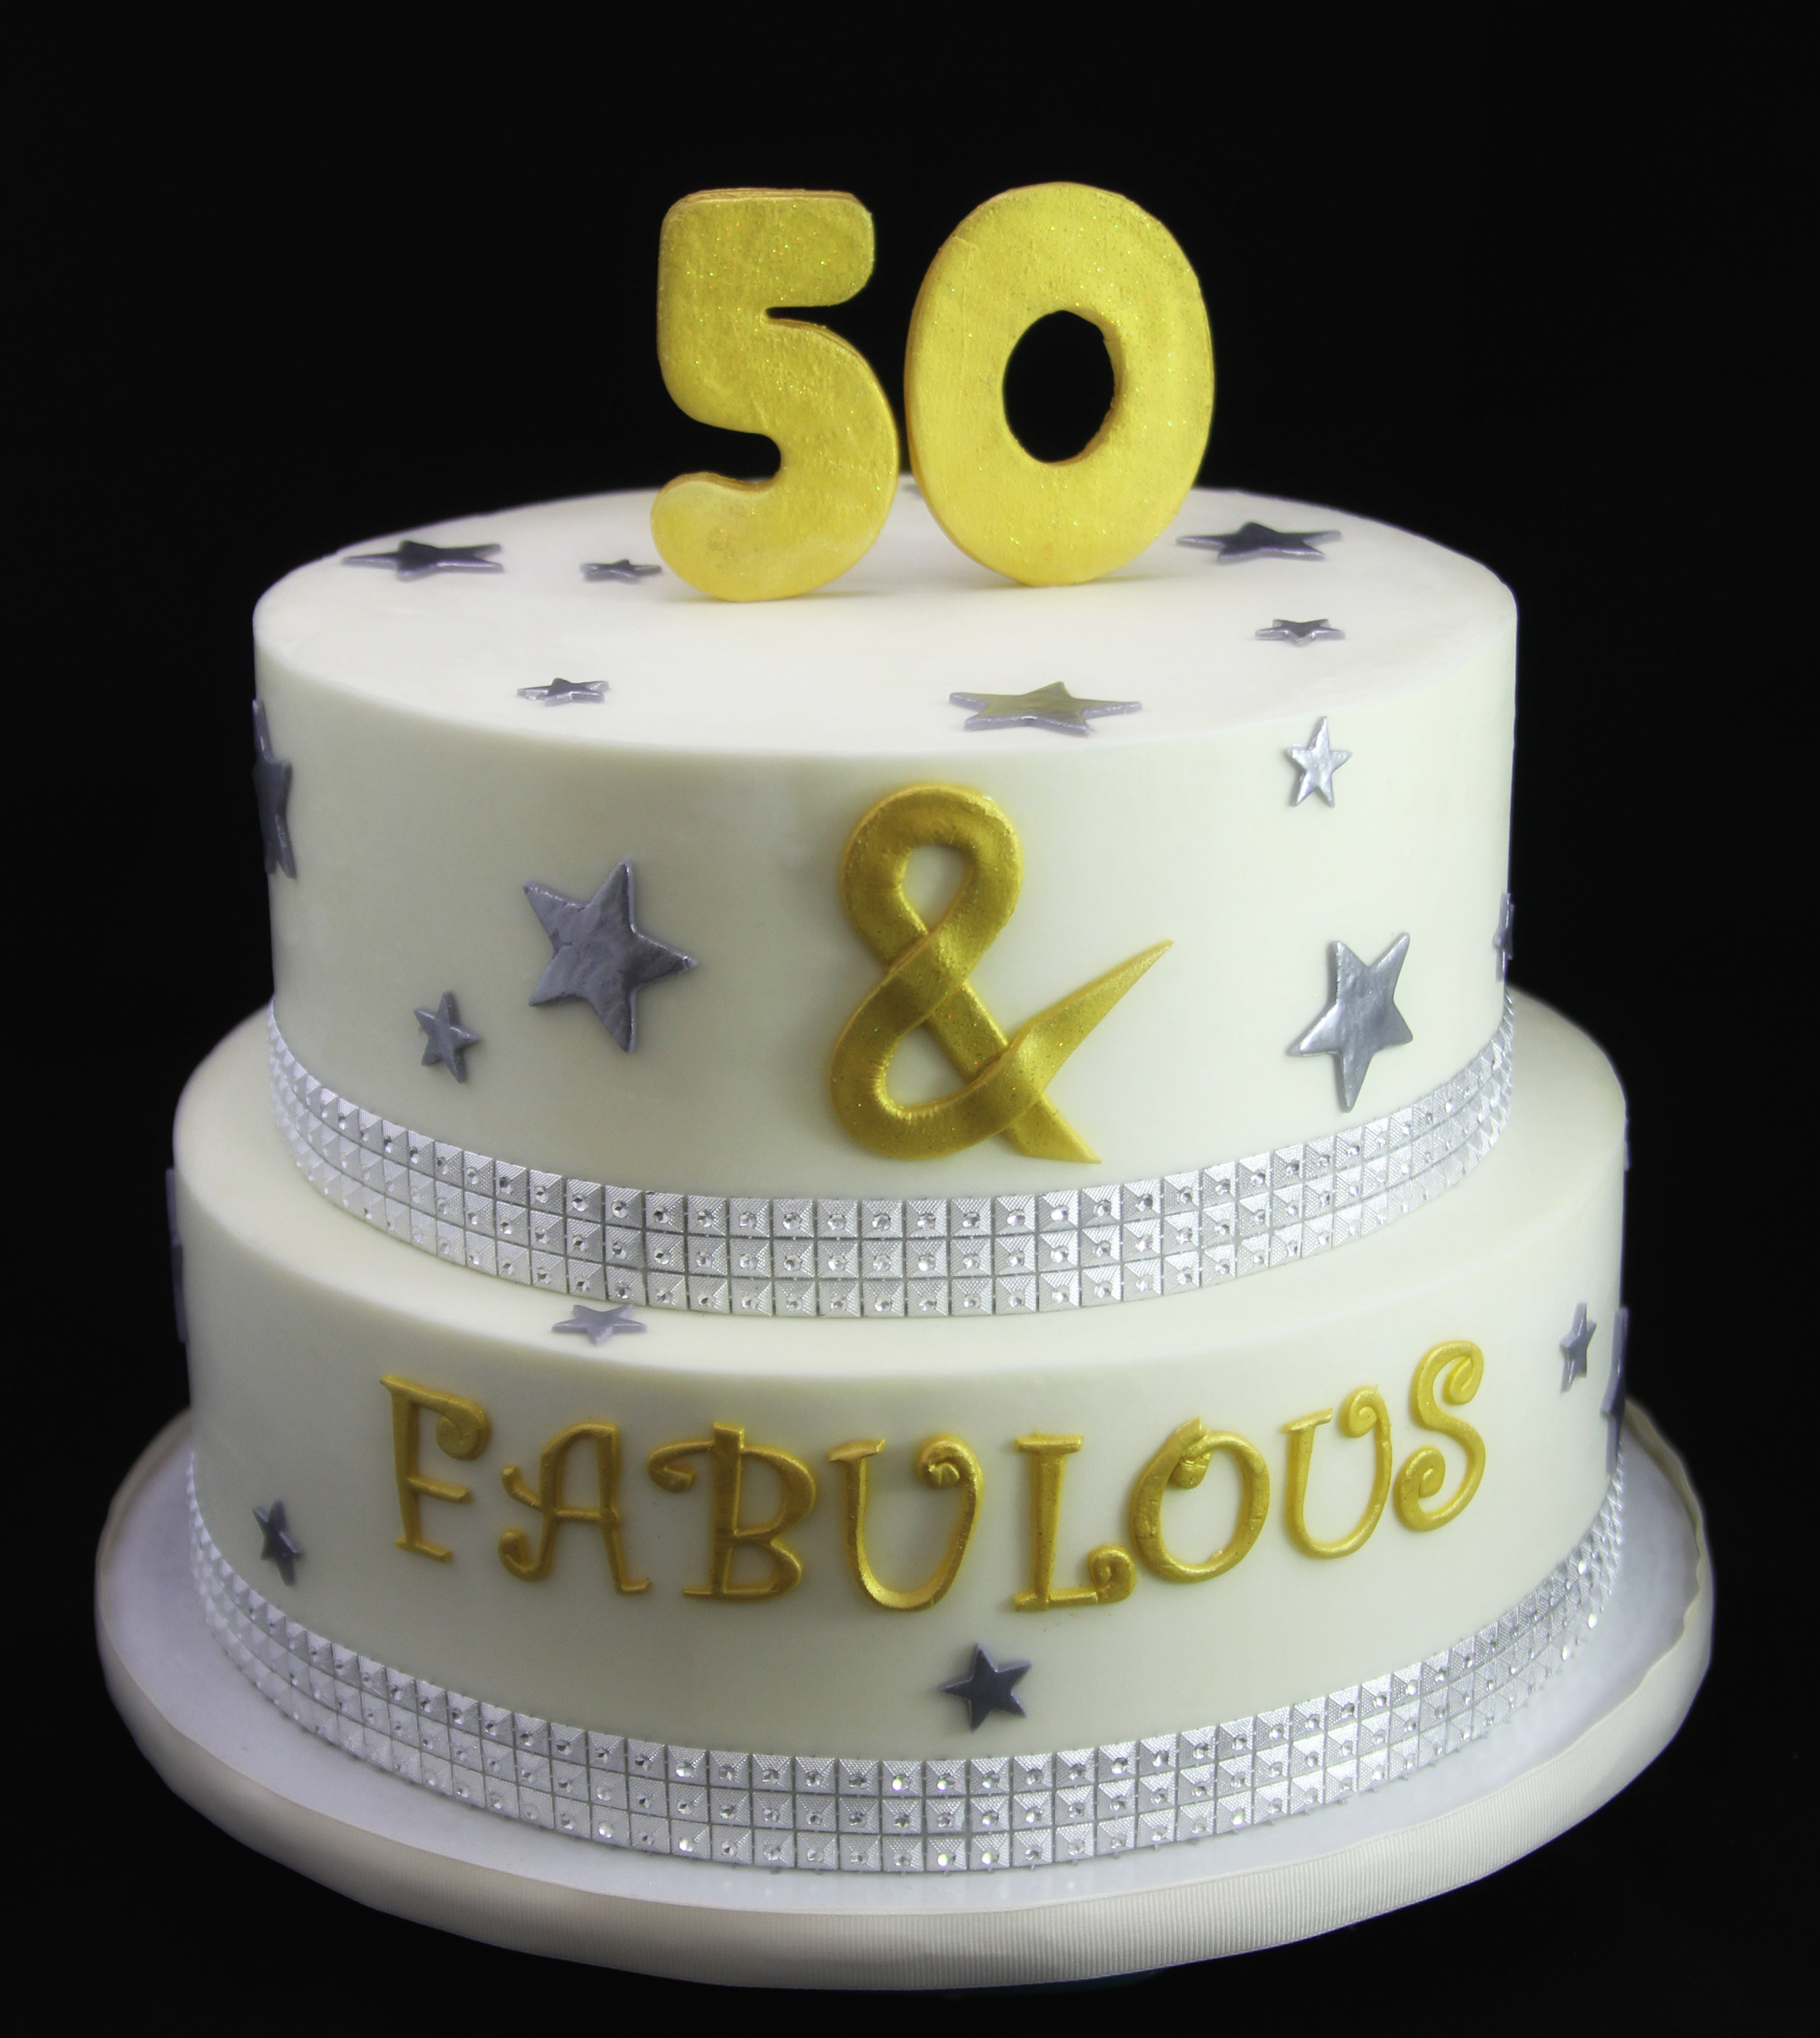 50 & Fabulous Glam and Stars Cake.jpg